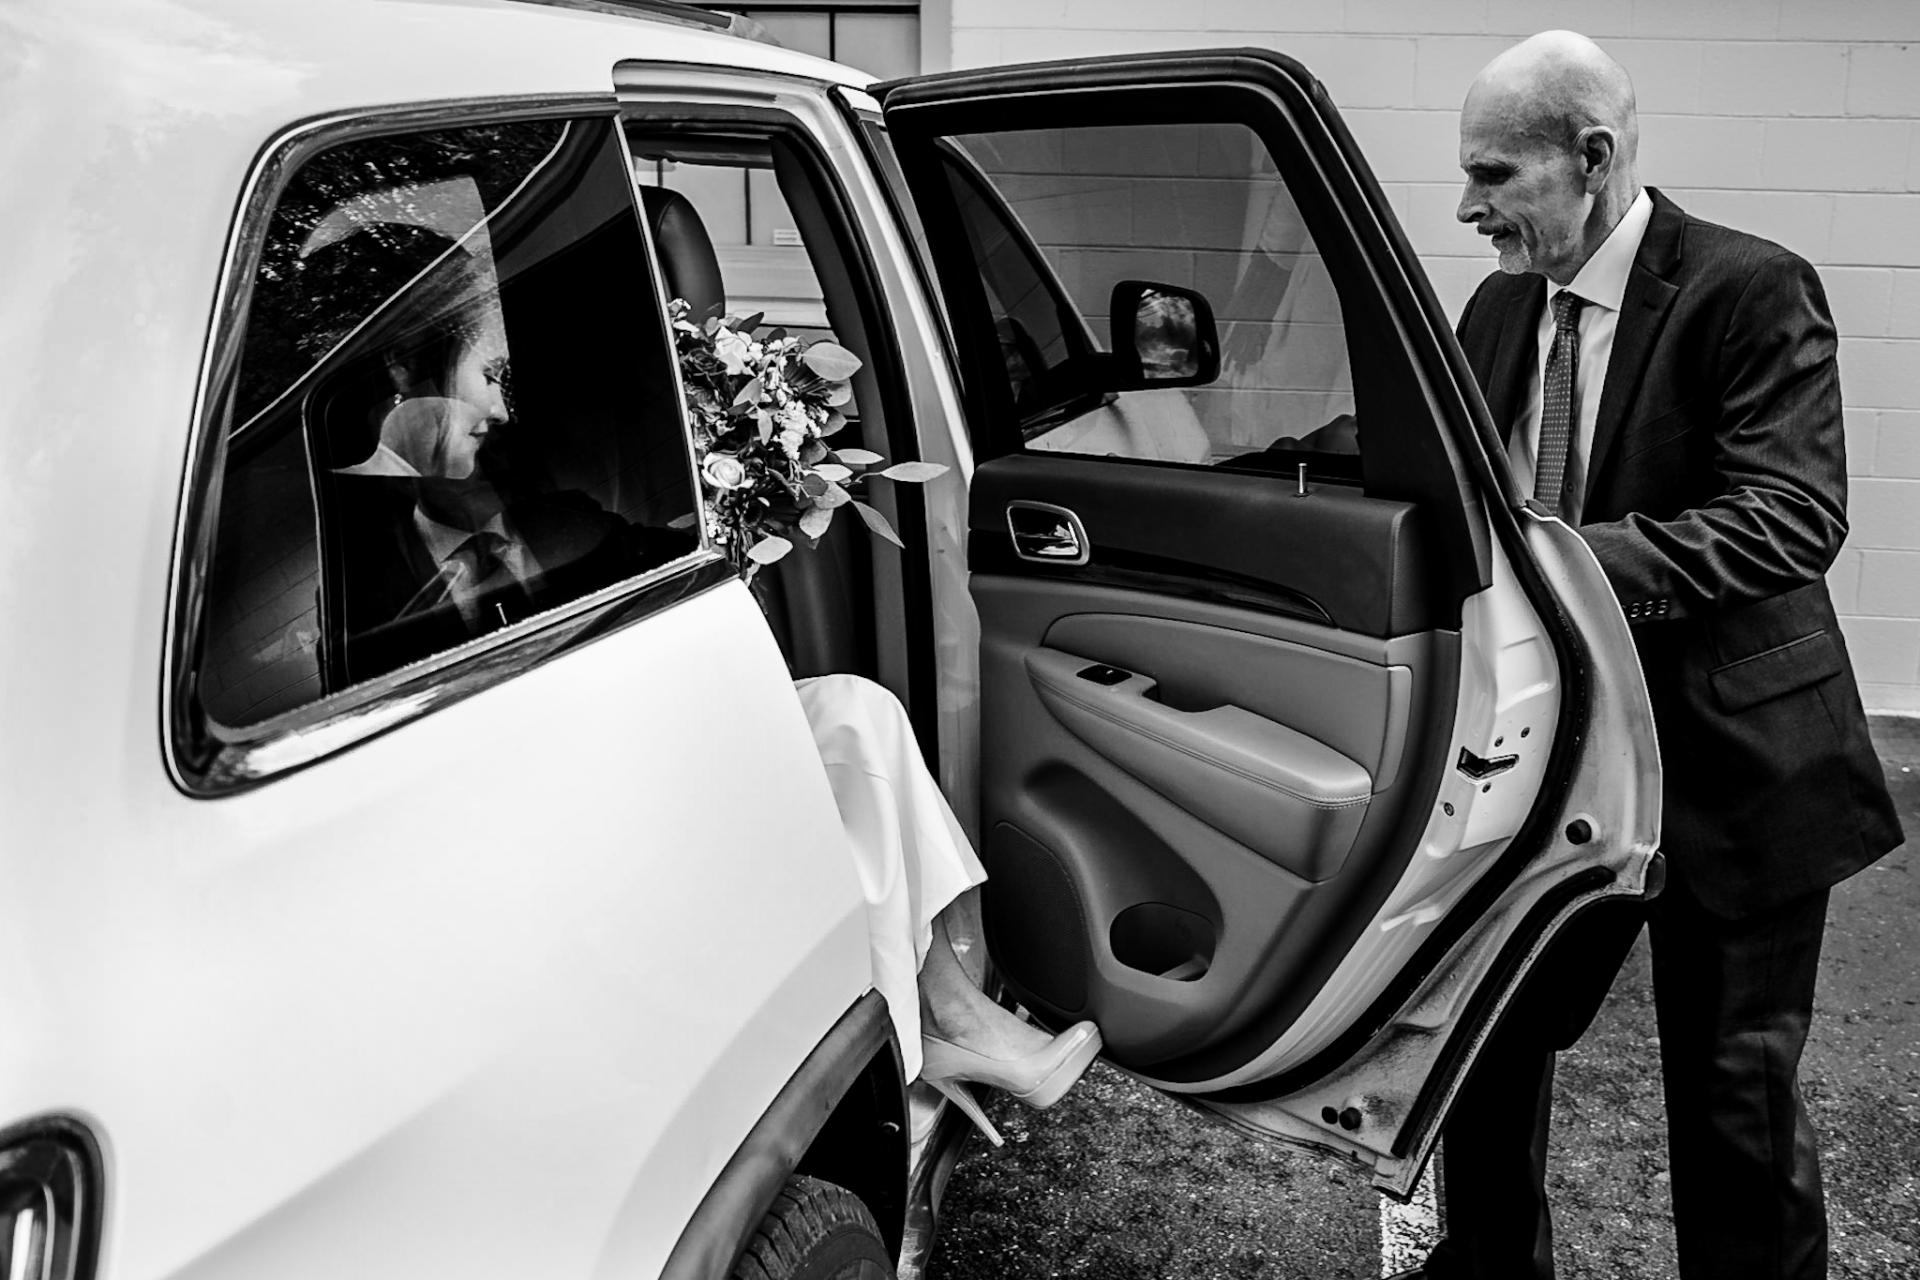 Photographie de mariage Smoky Mountain | Le père de la mariée ouvre la portière de la voiture